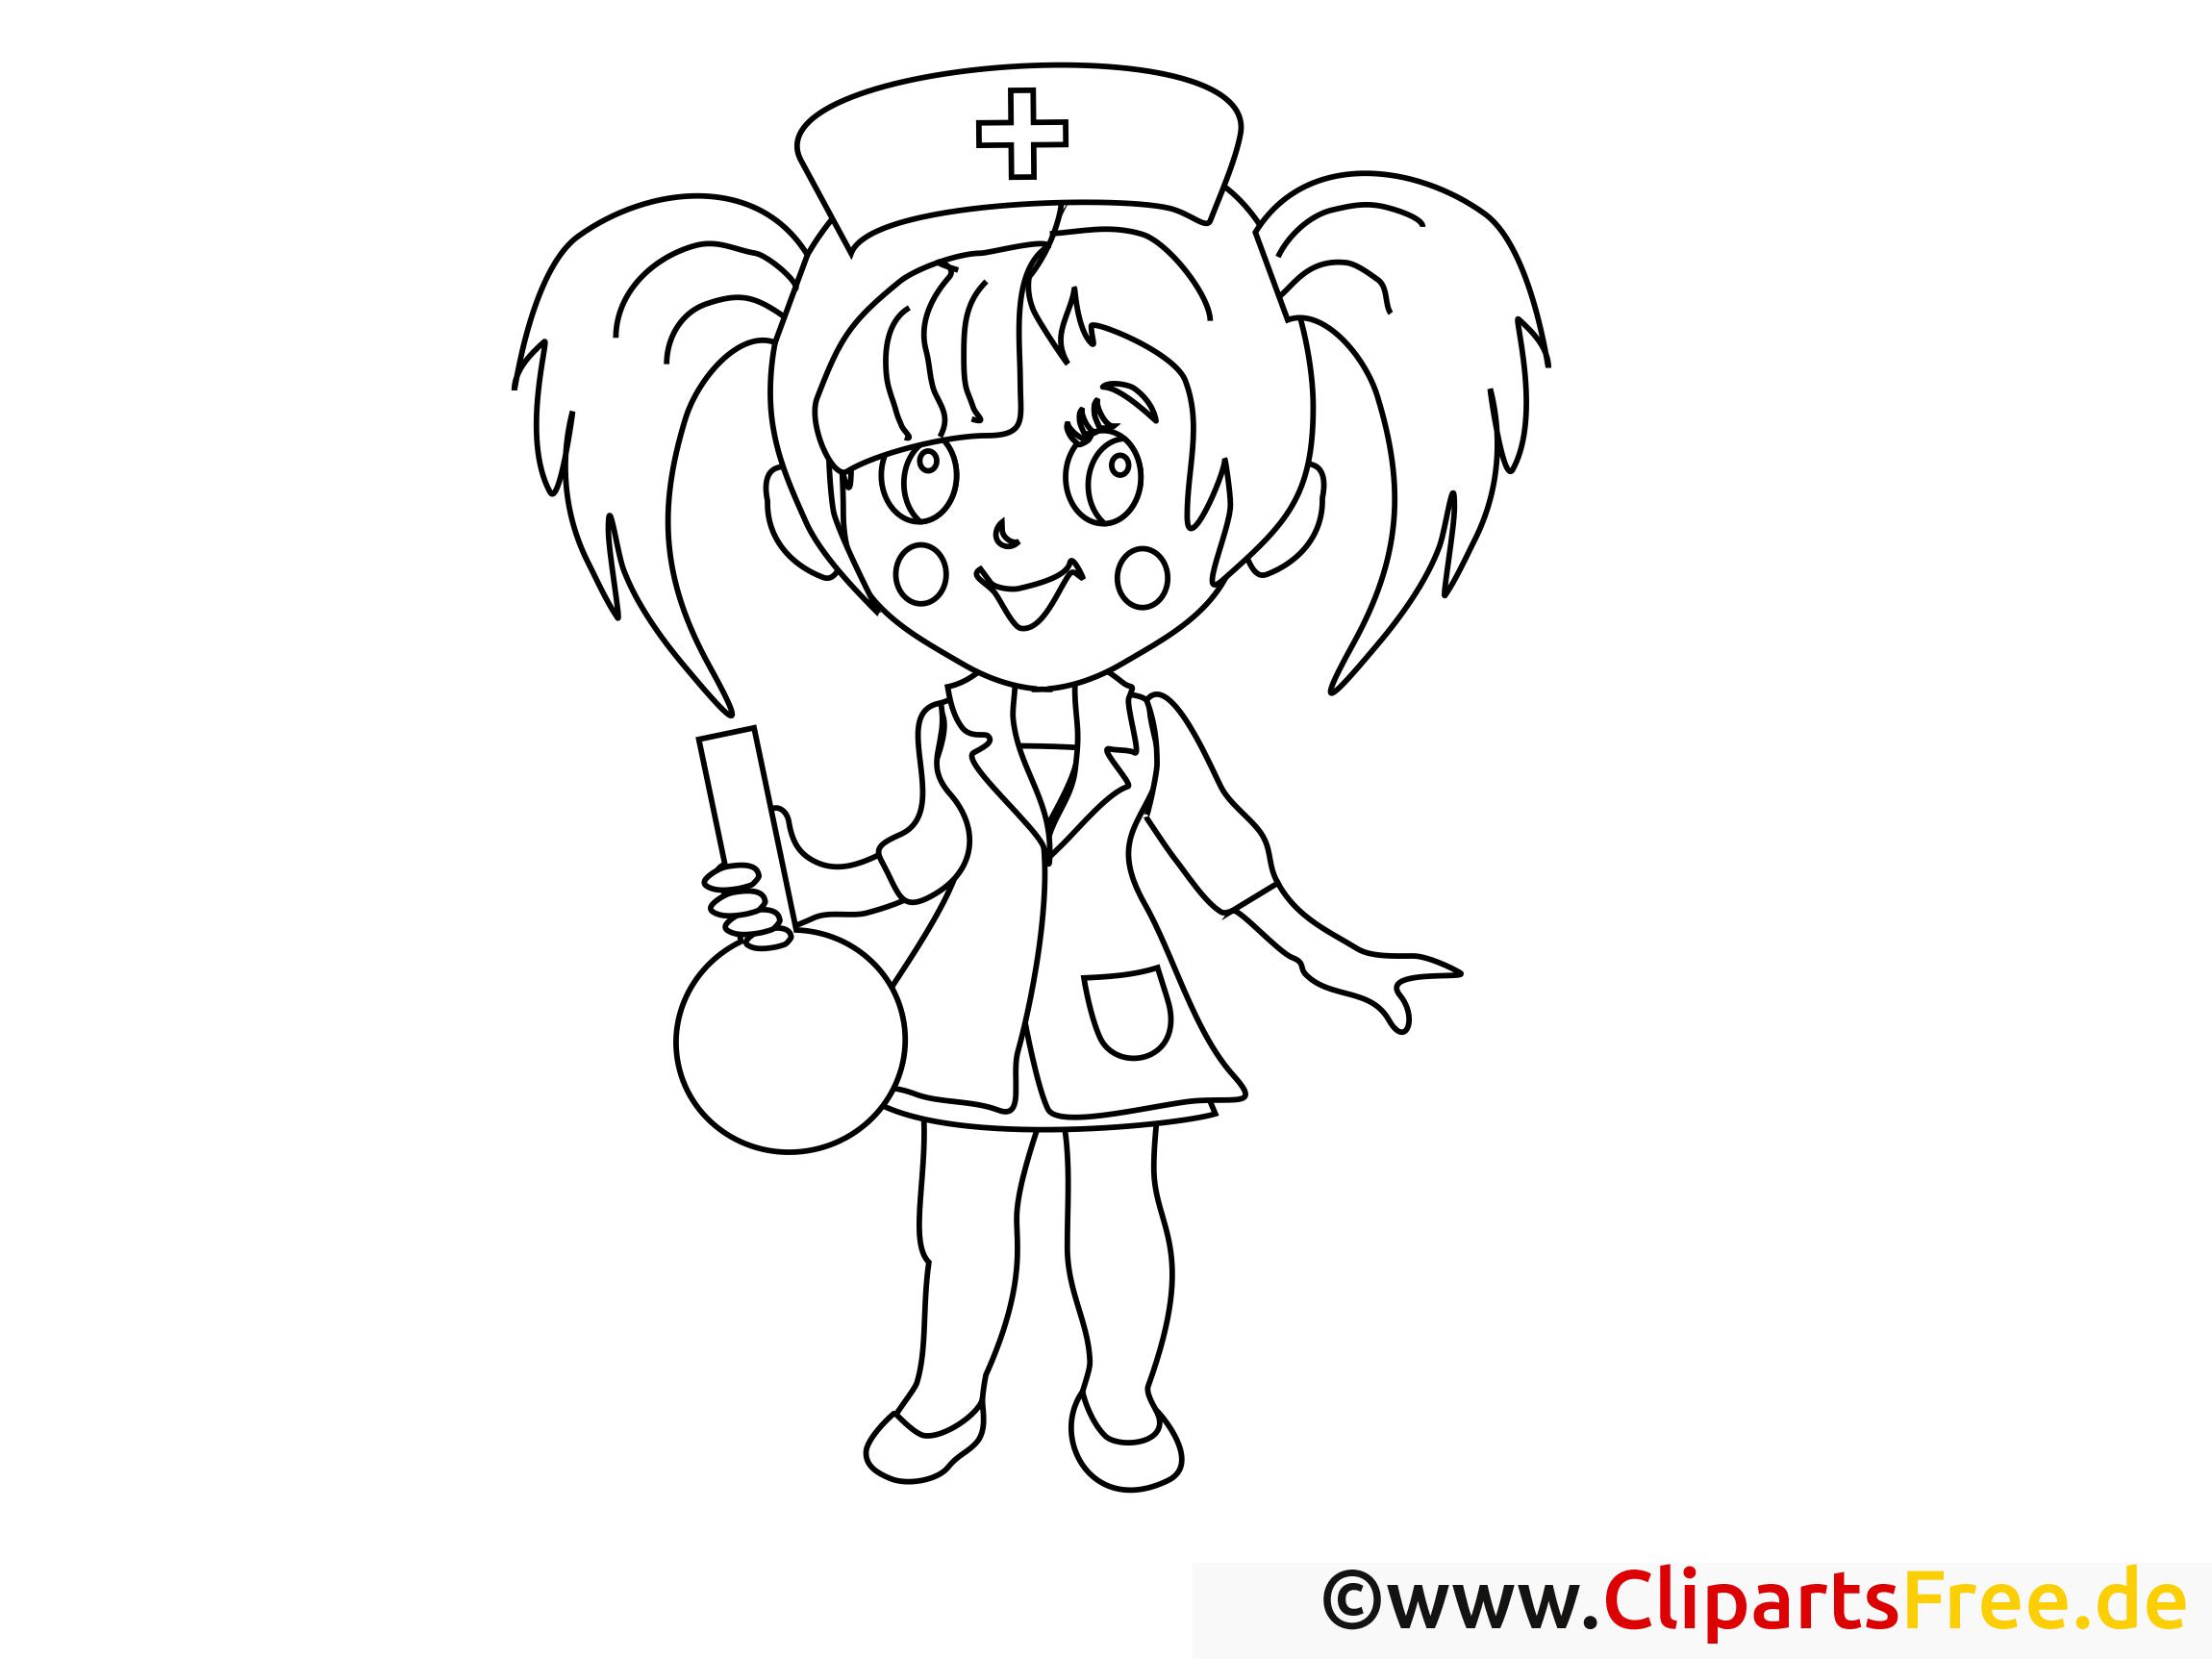 Infirmière image – Coloriage santé illustration